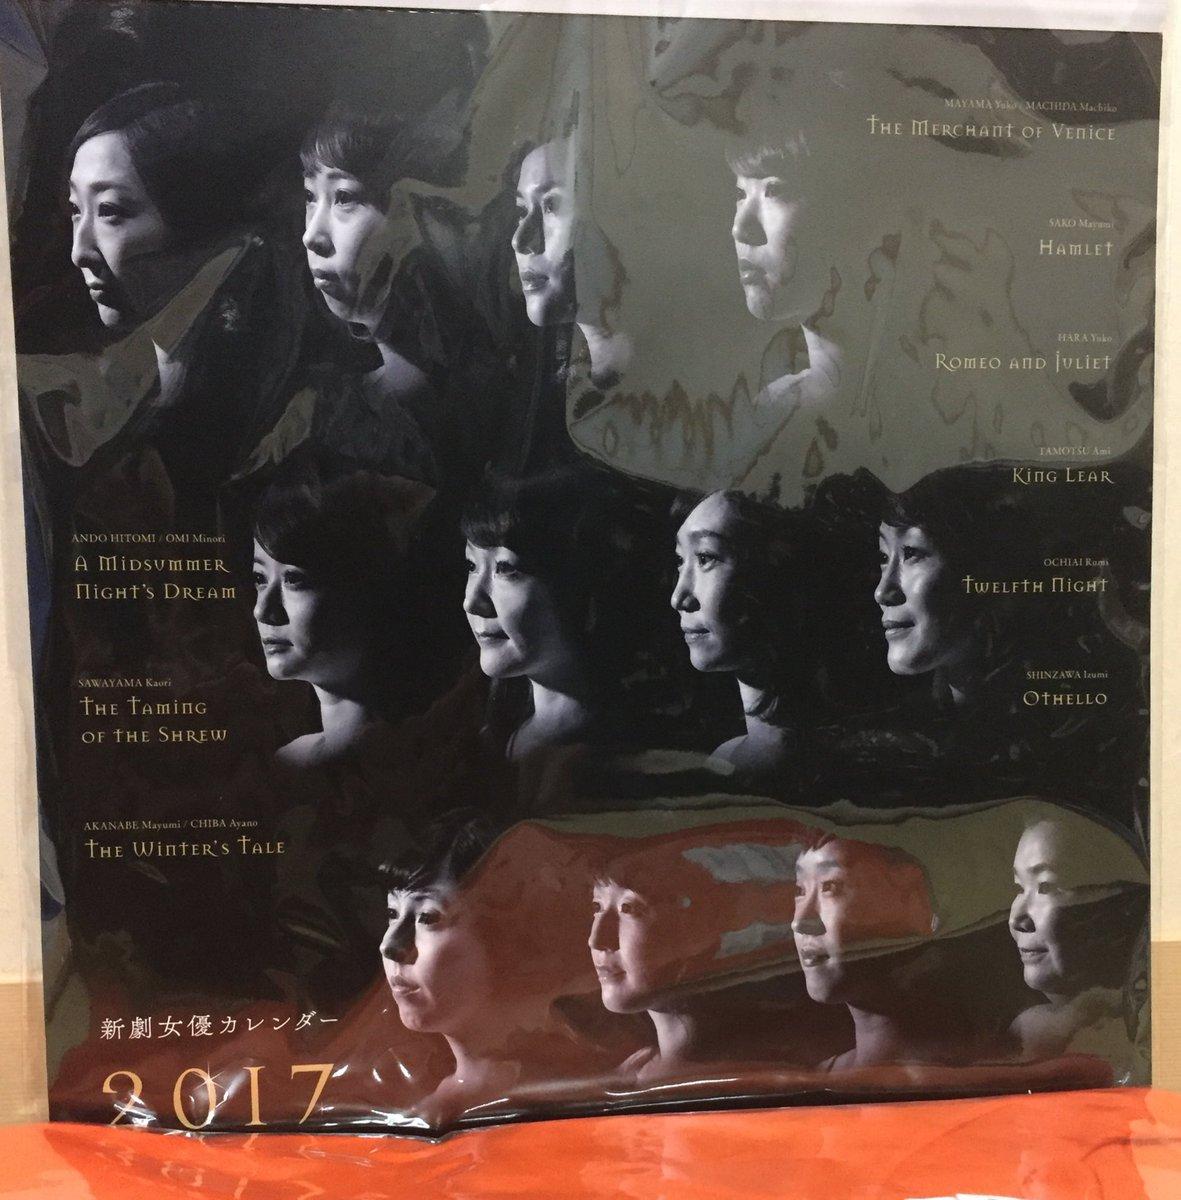 クラウドファインディングで制作されたカレンダーが届いてました!新劇女優さんの写真で構成されたものです。これに申し込んだ頃